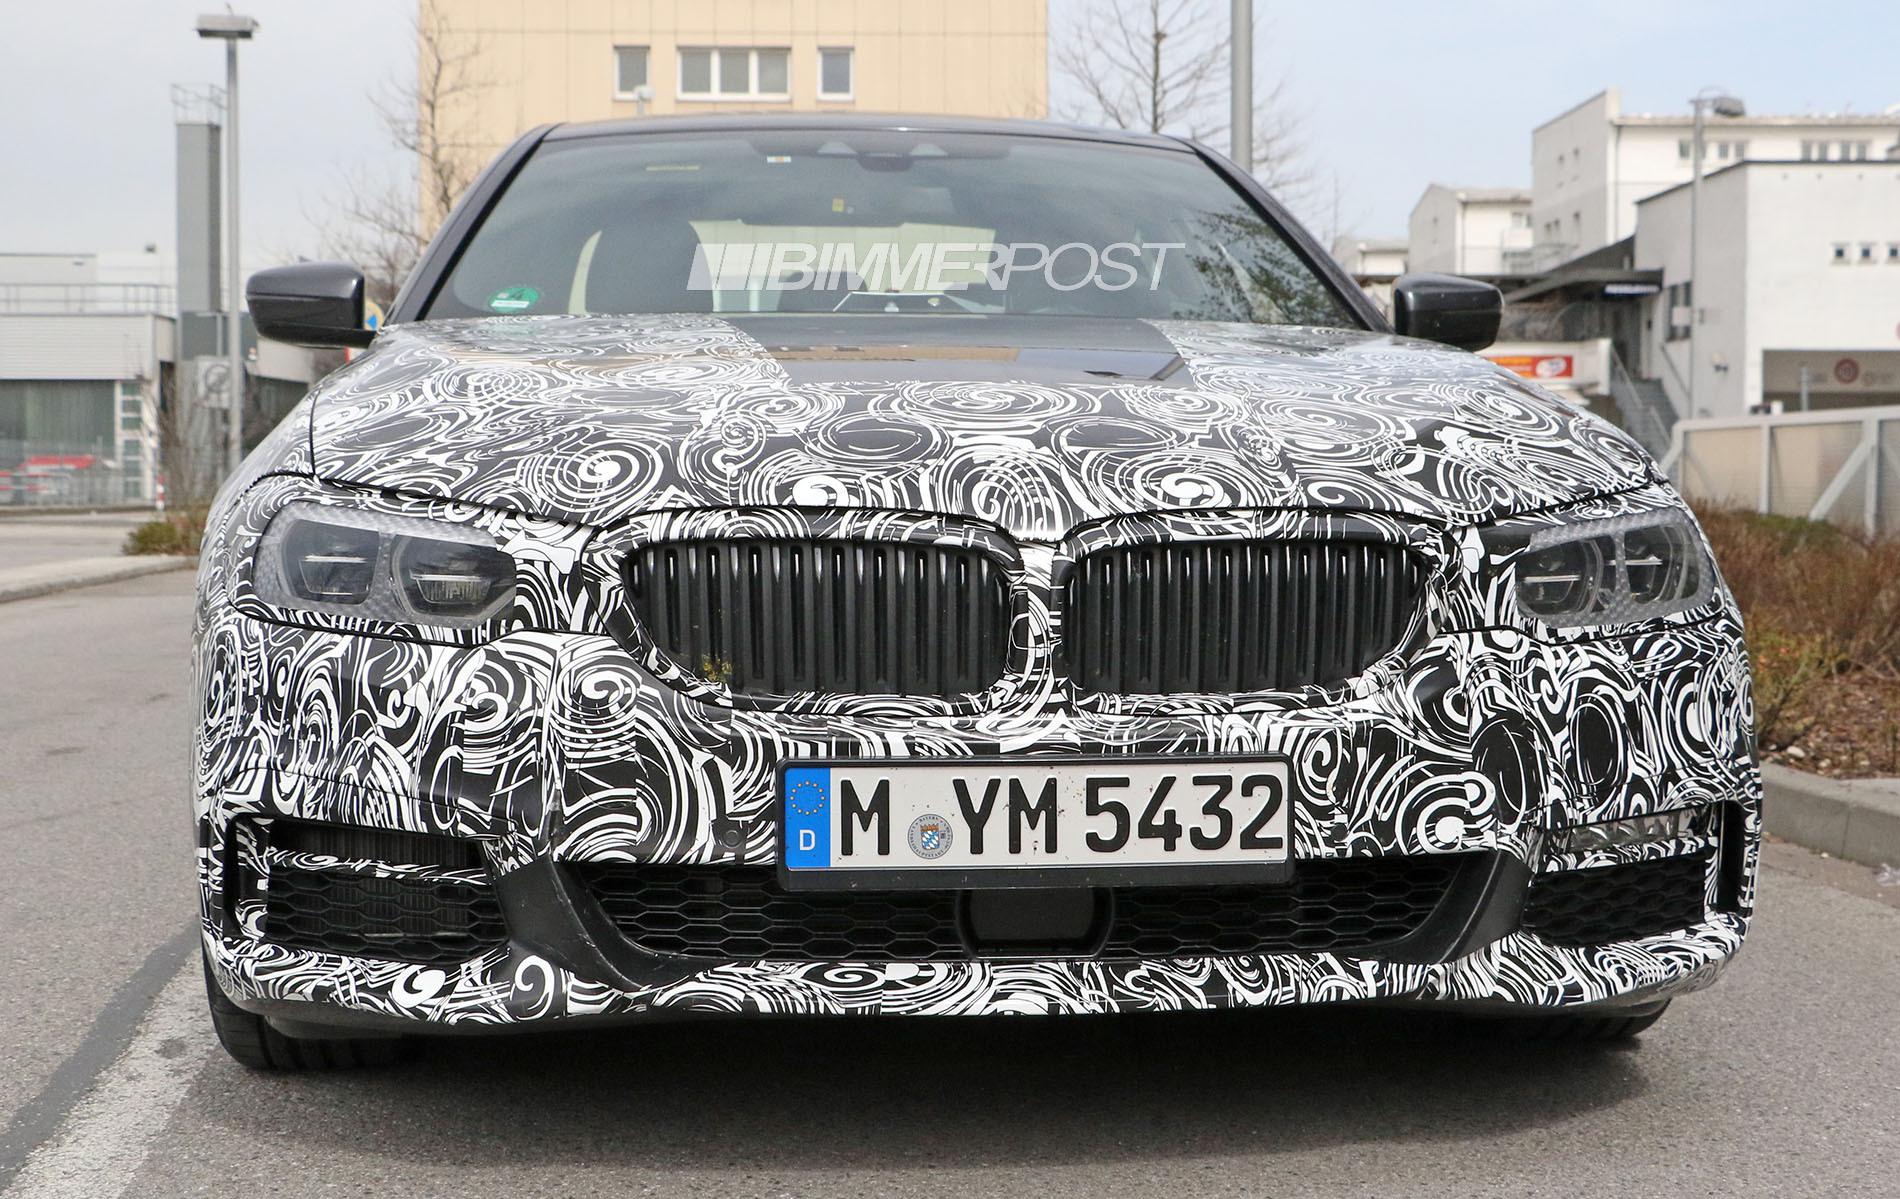 次期BMW5シリーズ(G30)最新スパイショット!Mスポーツバンパーやインテリア(タッチスクリーン対応のiDrive)も^^